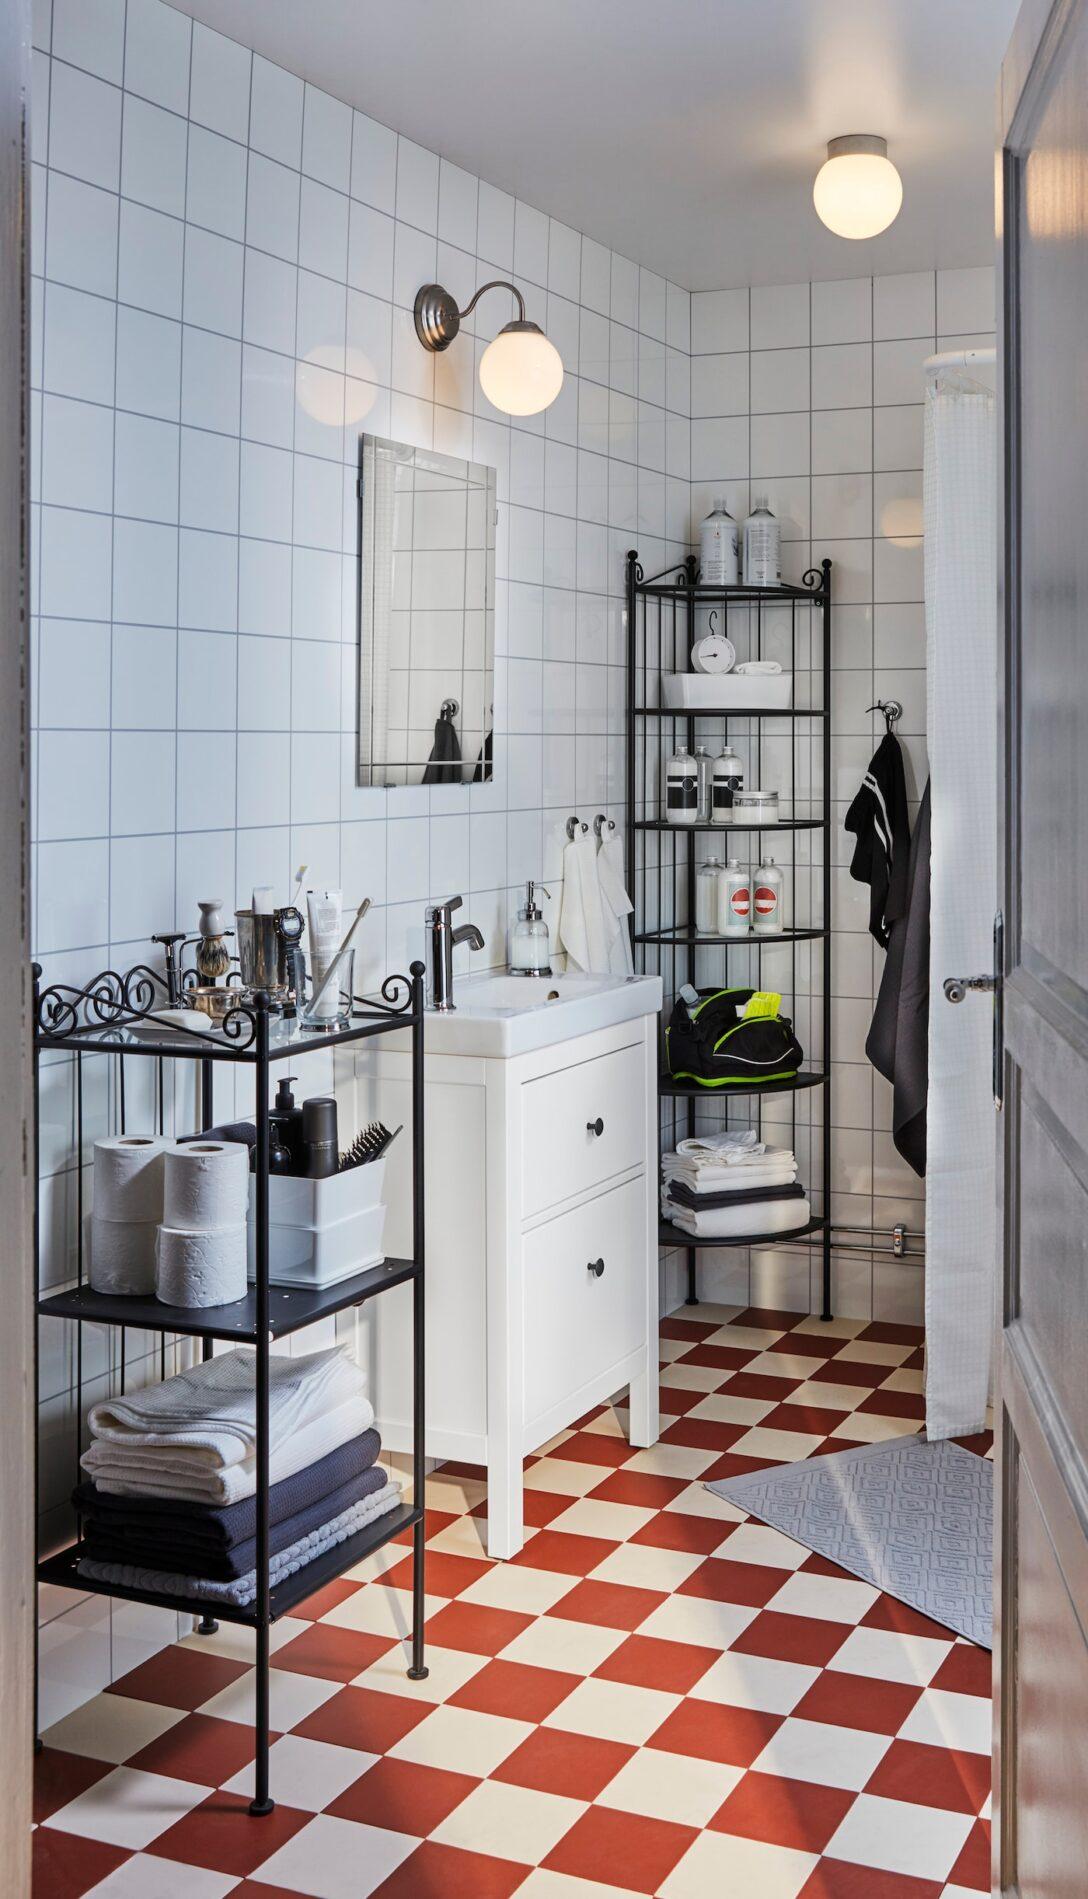 Large Size of Platzsparende Waschmaschine Praktische Designer Schrnke Fr Küche Ikea Kosten Betten 160x200 Planen Kostenlos Selber Badezimmer Bad Online Sofa Mit Wohnzimmer Ikea Hauswirtschaftsraum Planen